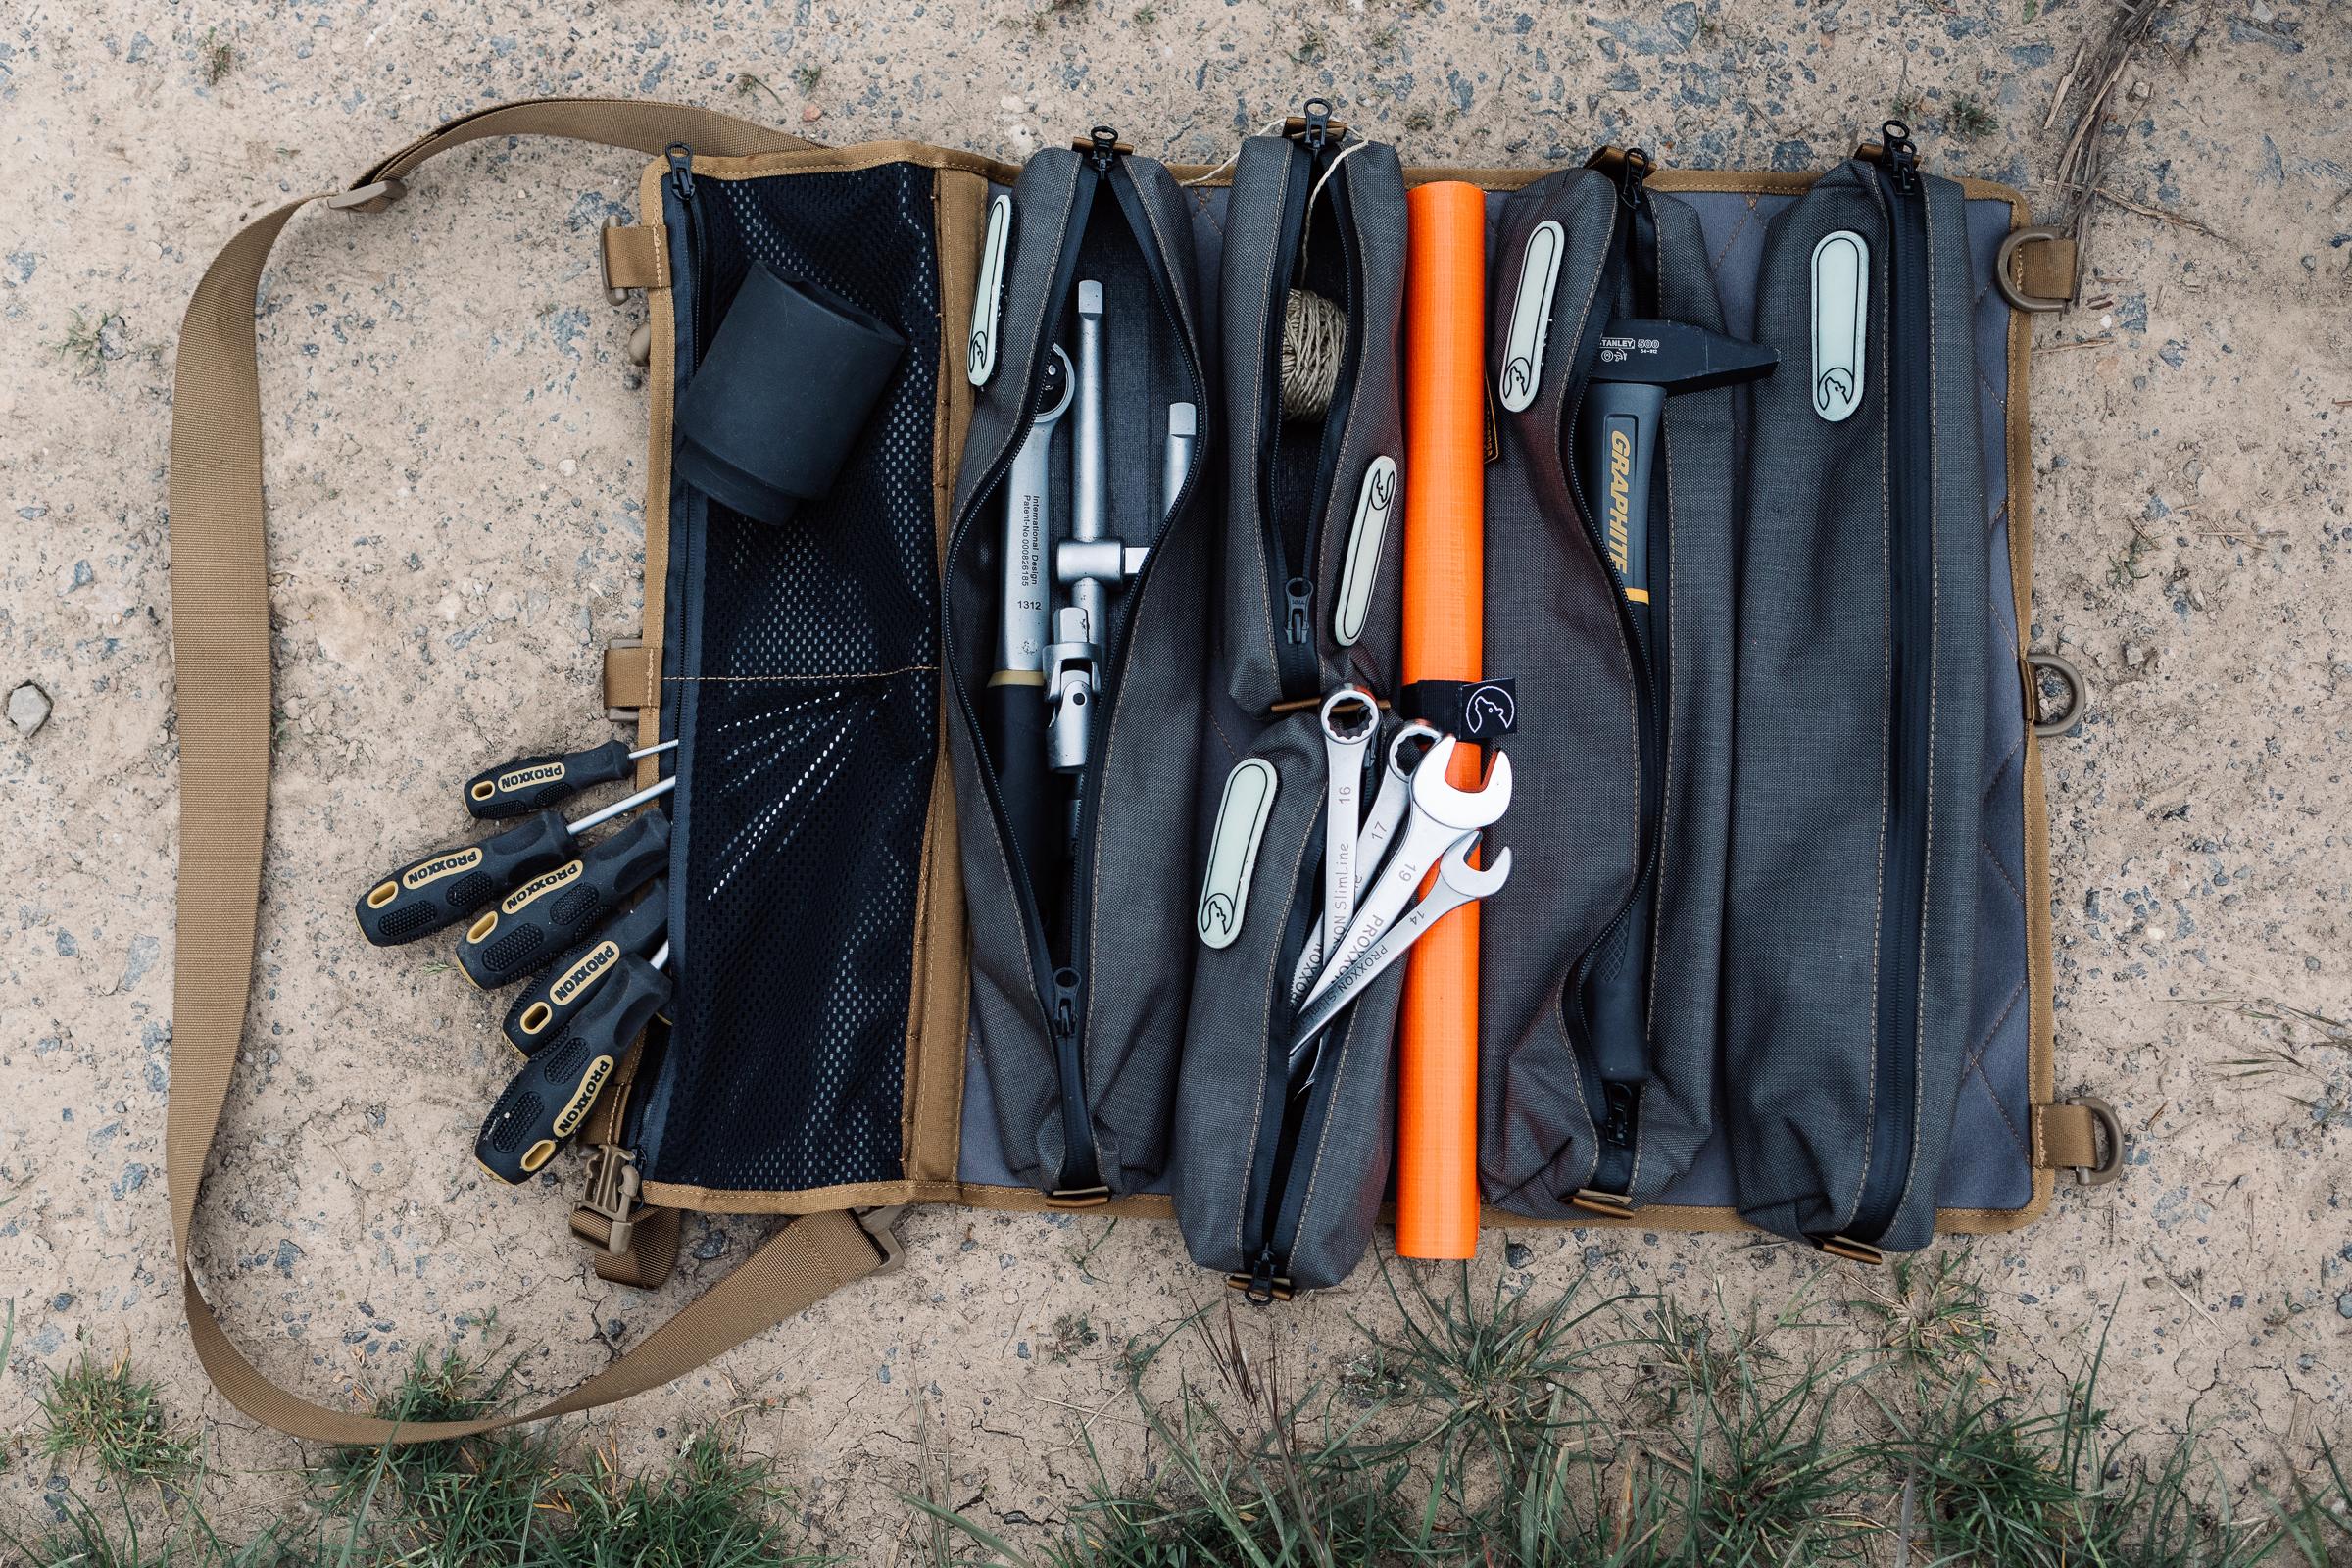 Werkzeugtasche Tool-Roll von Nakatanenga - Passt viel rein.